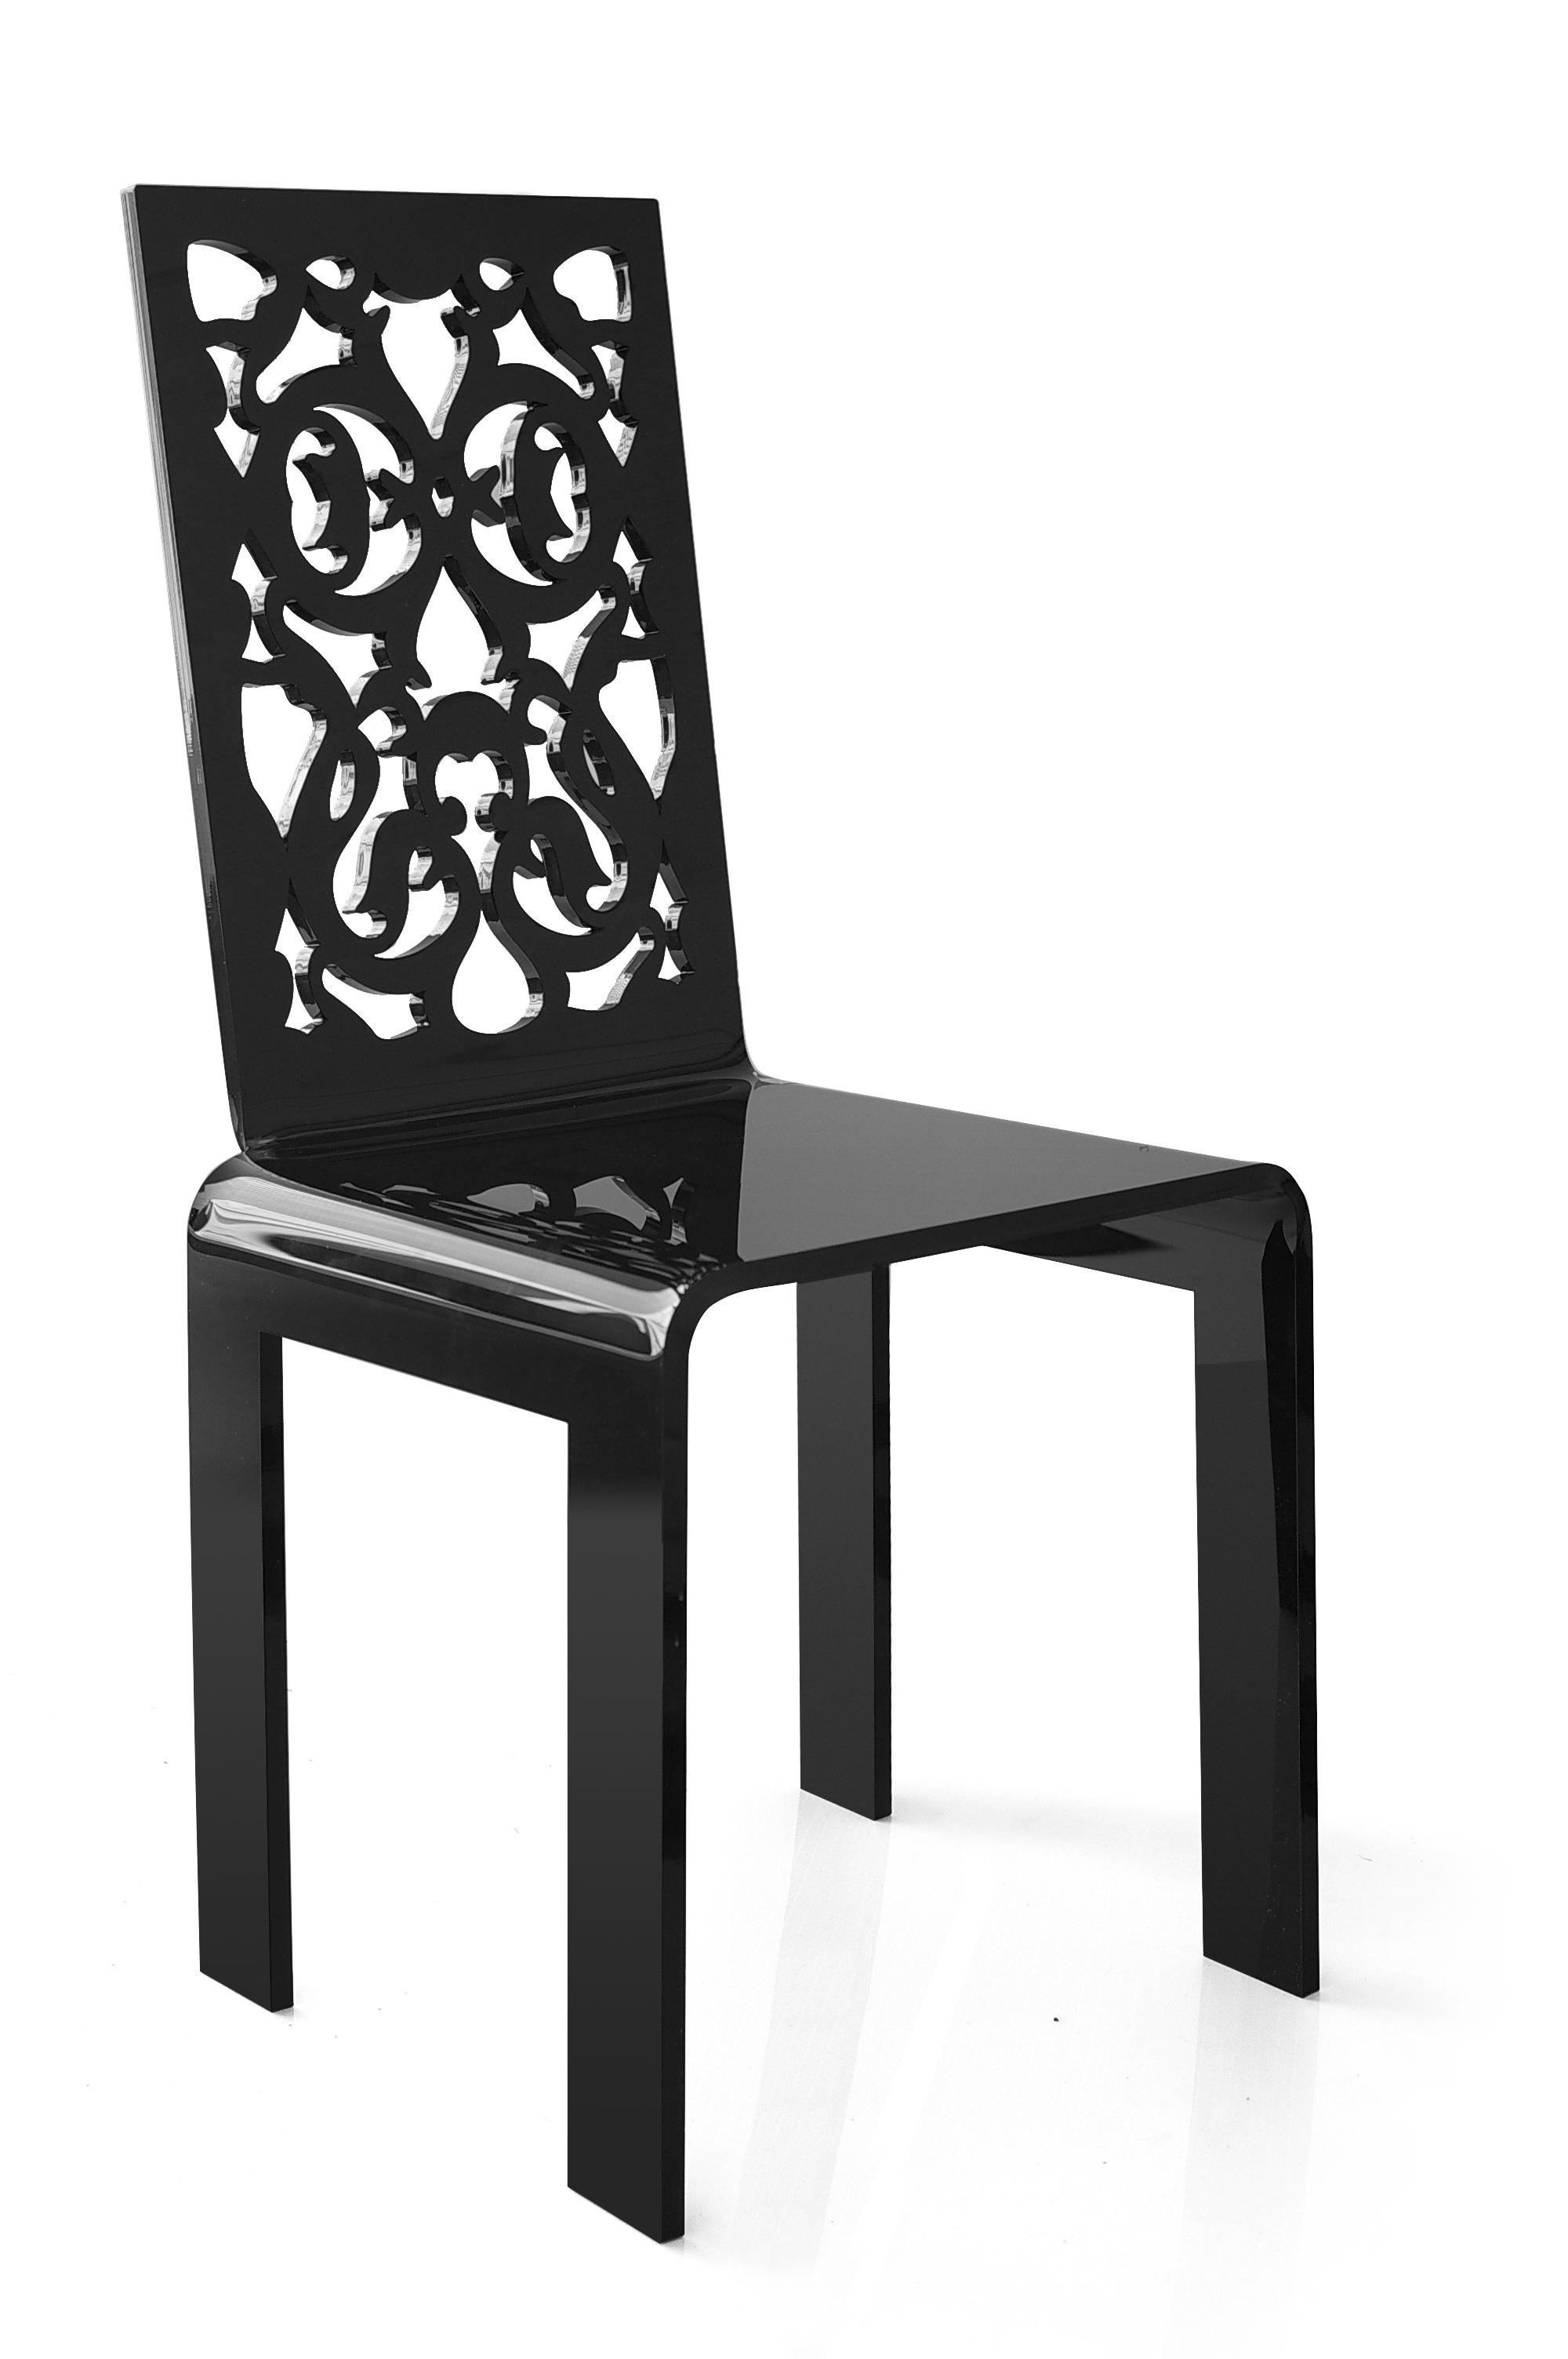 Chaise dentelle noir.jpg